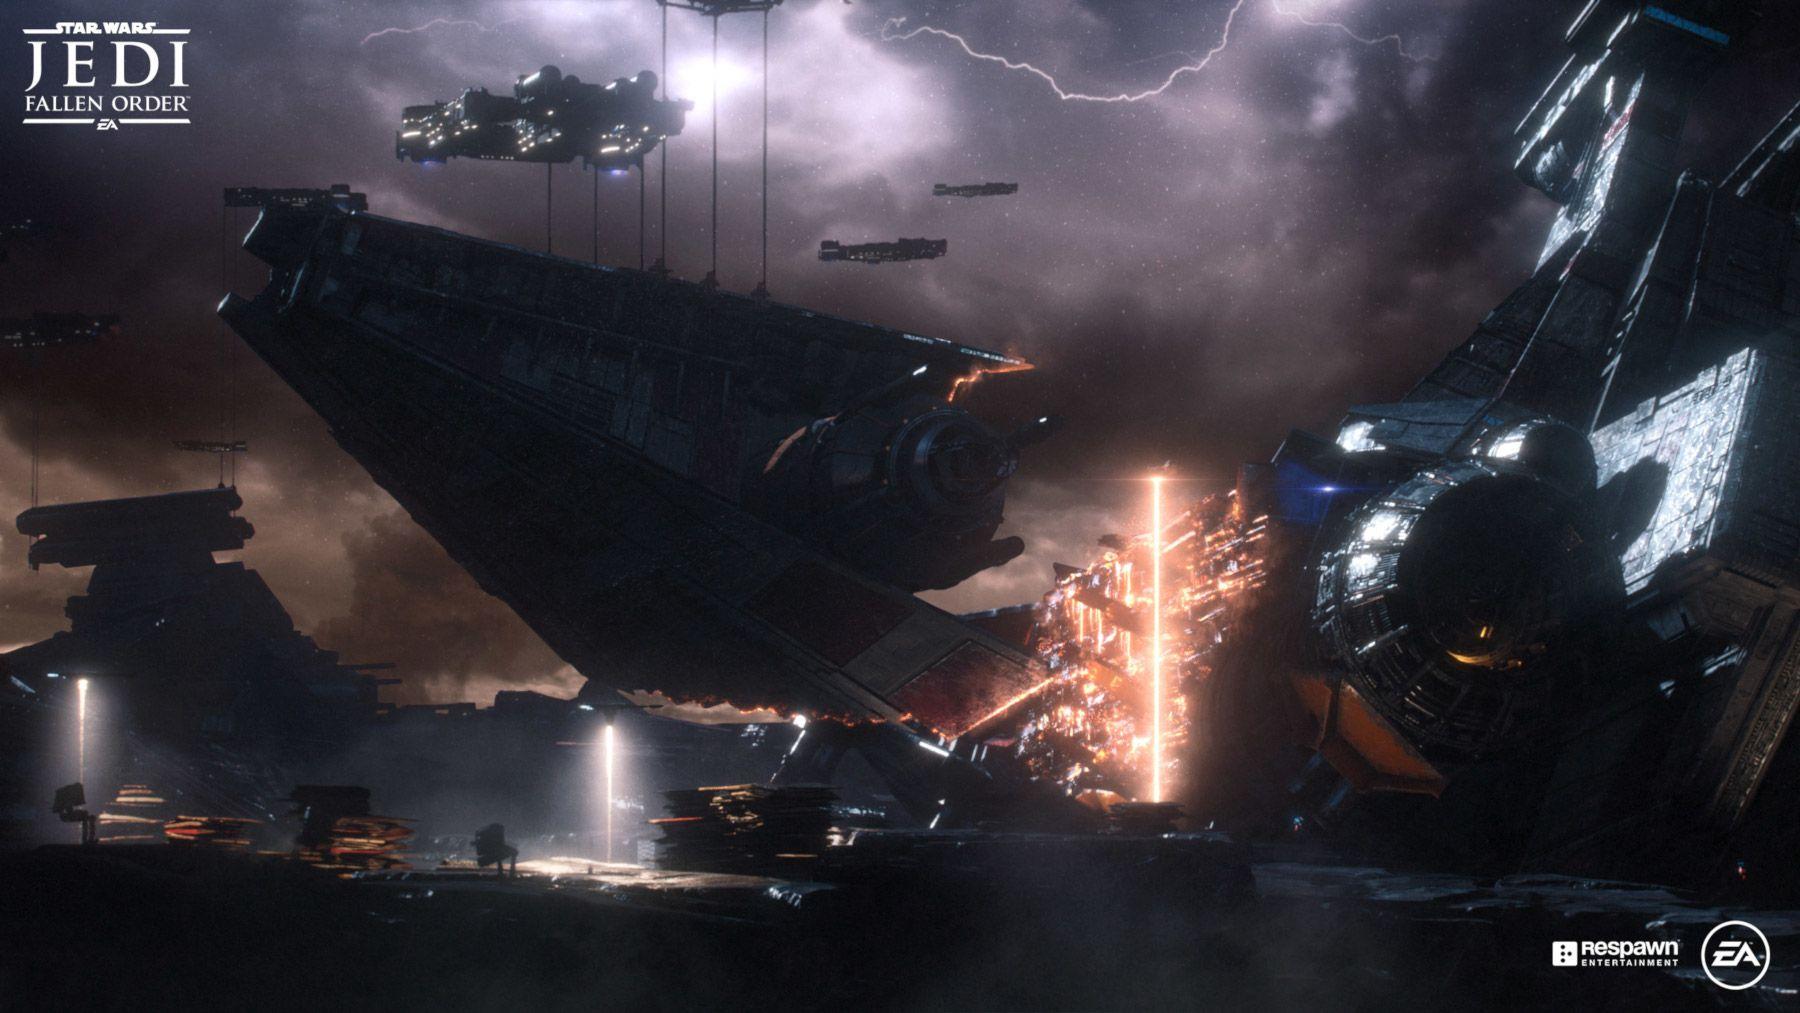 Star Wars Jedi Fallen Order Kuva 4